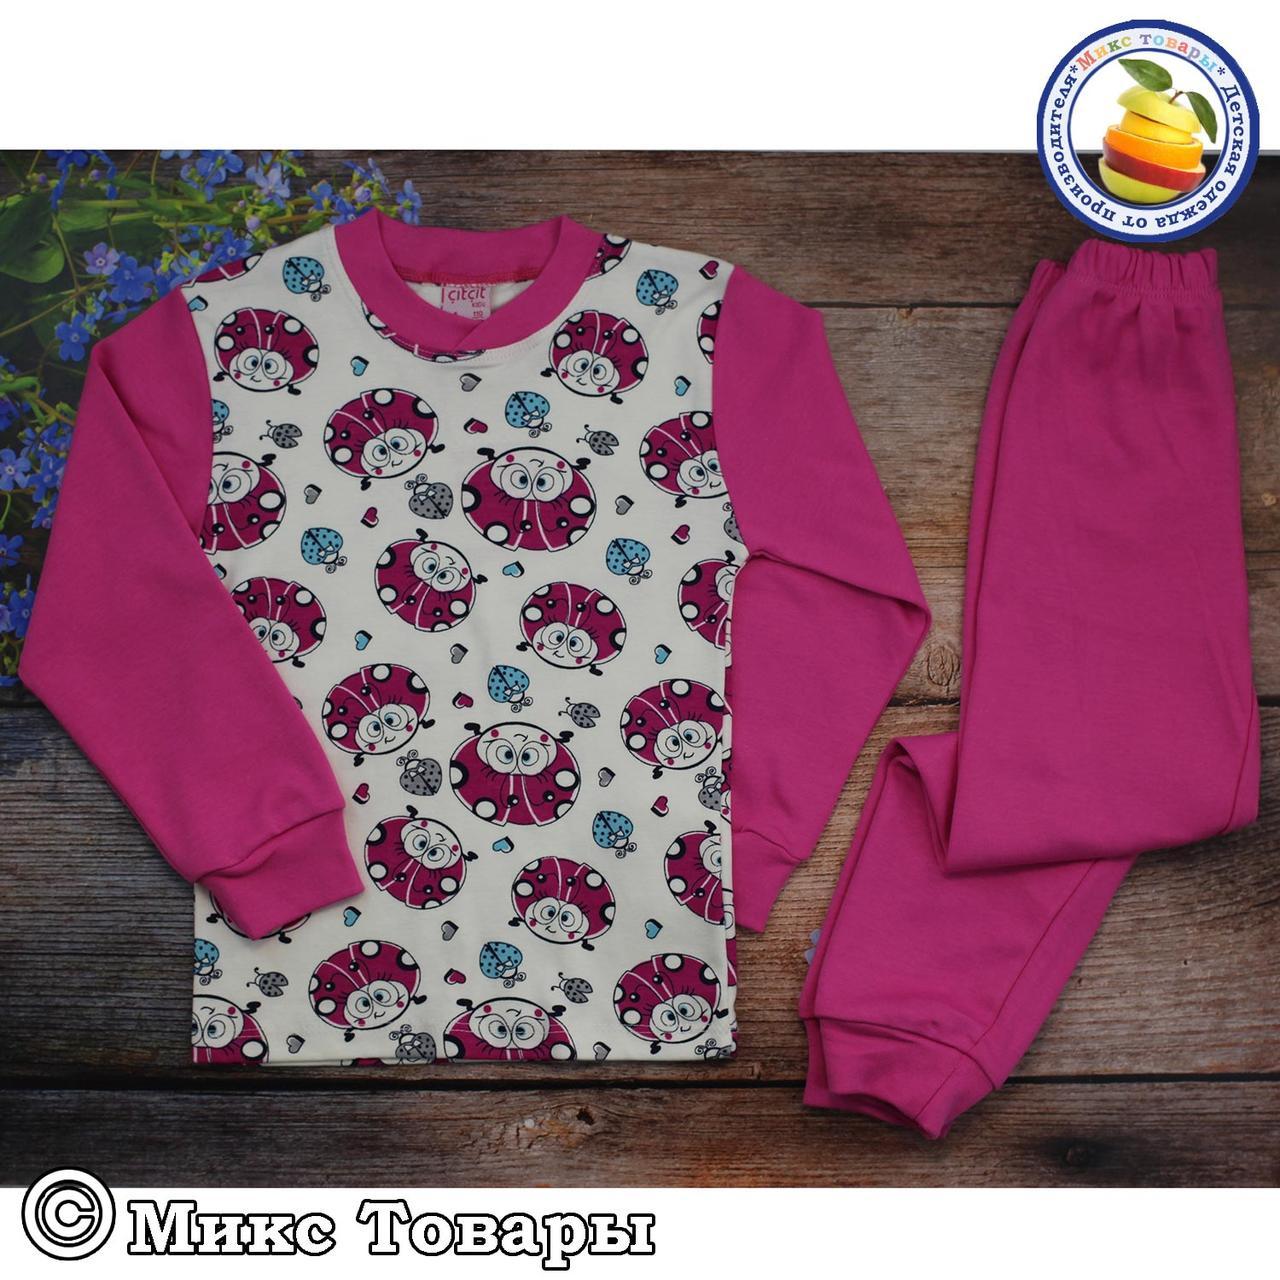 469dd86199dbf Купить Пижама для девочки Размеры: 5-6-7-8 лет (5722-1) оптом ...